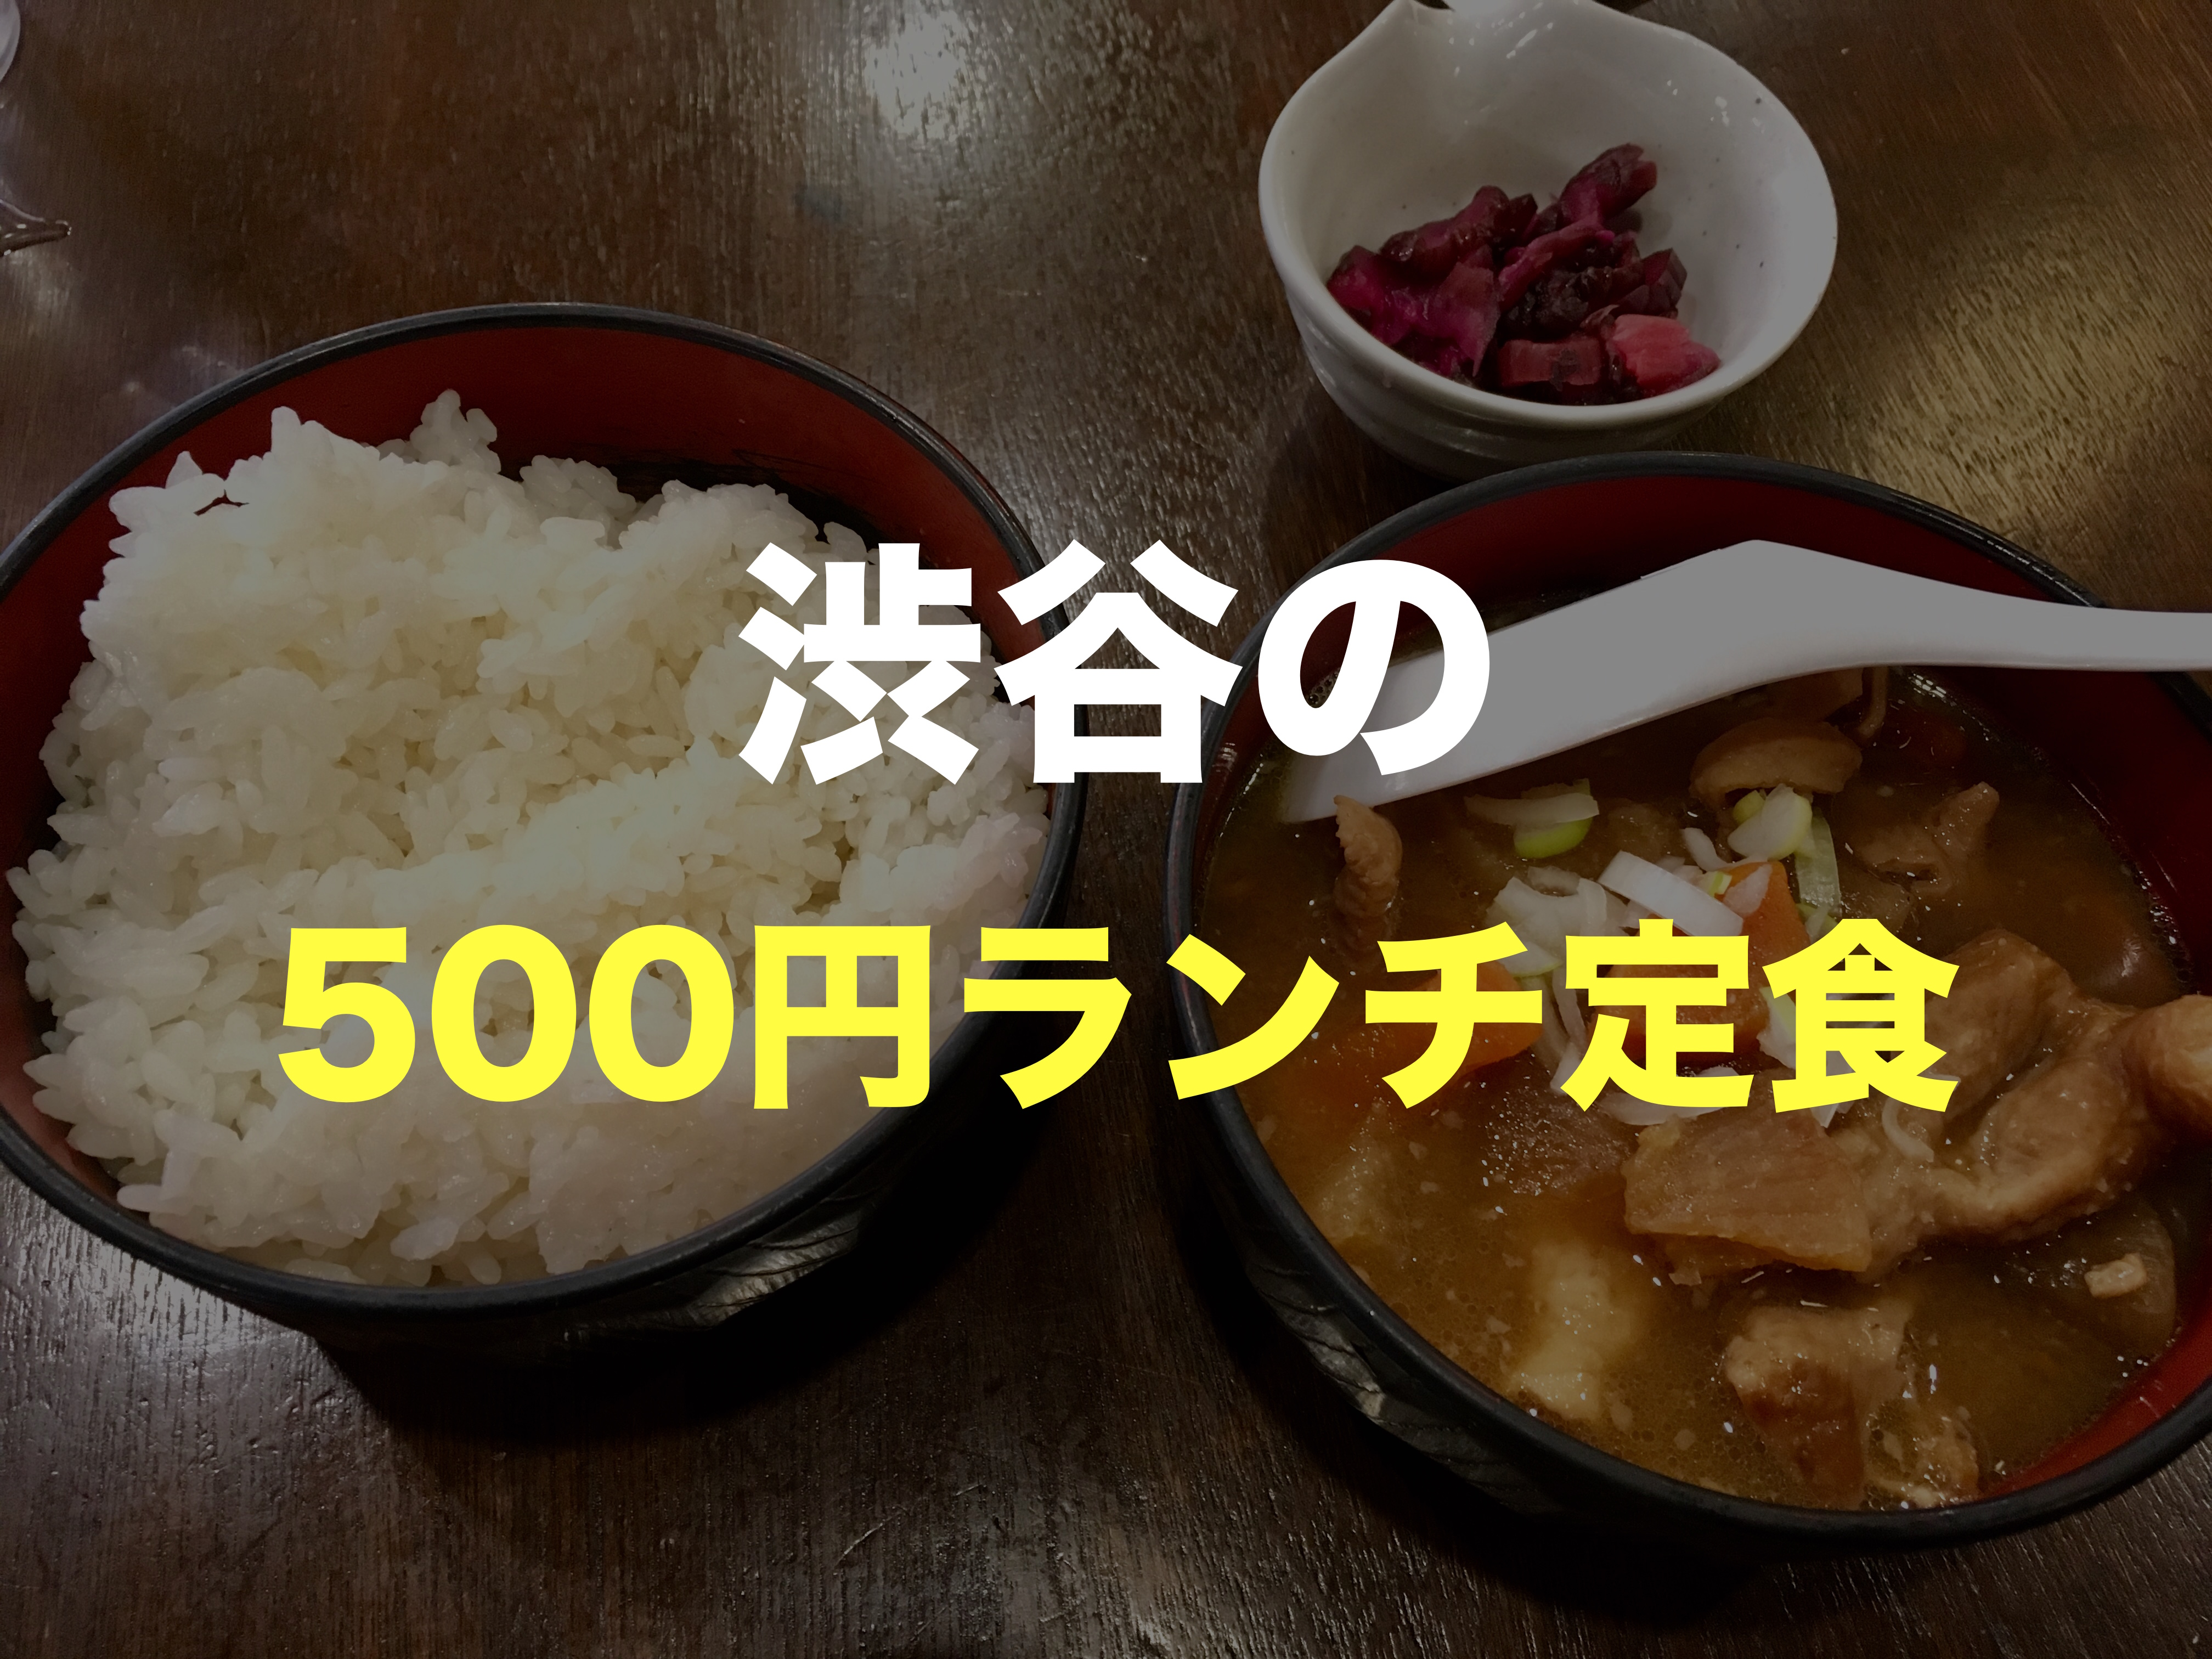 渋谷の安い500円ランチ! 「バカ息子 長男」は美味しい定食や丼のご飯が食べられておすすめ